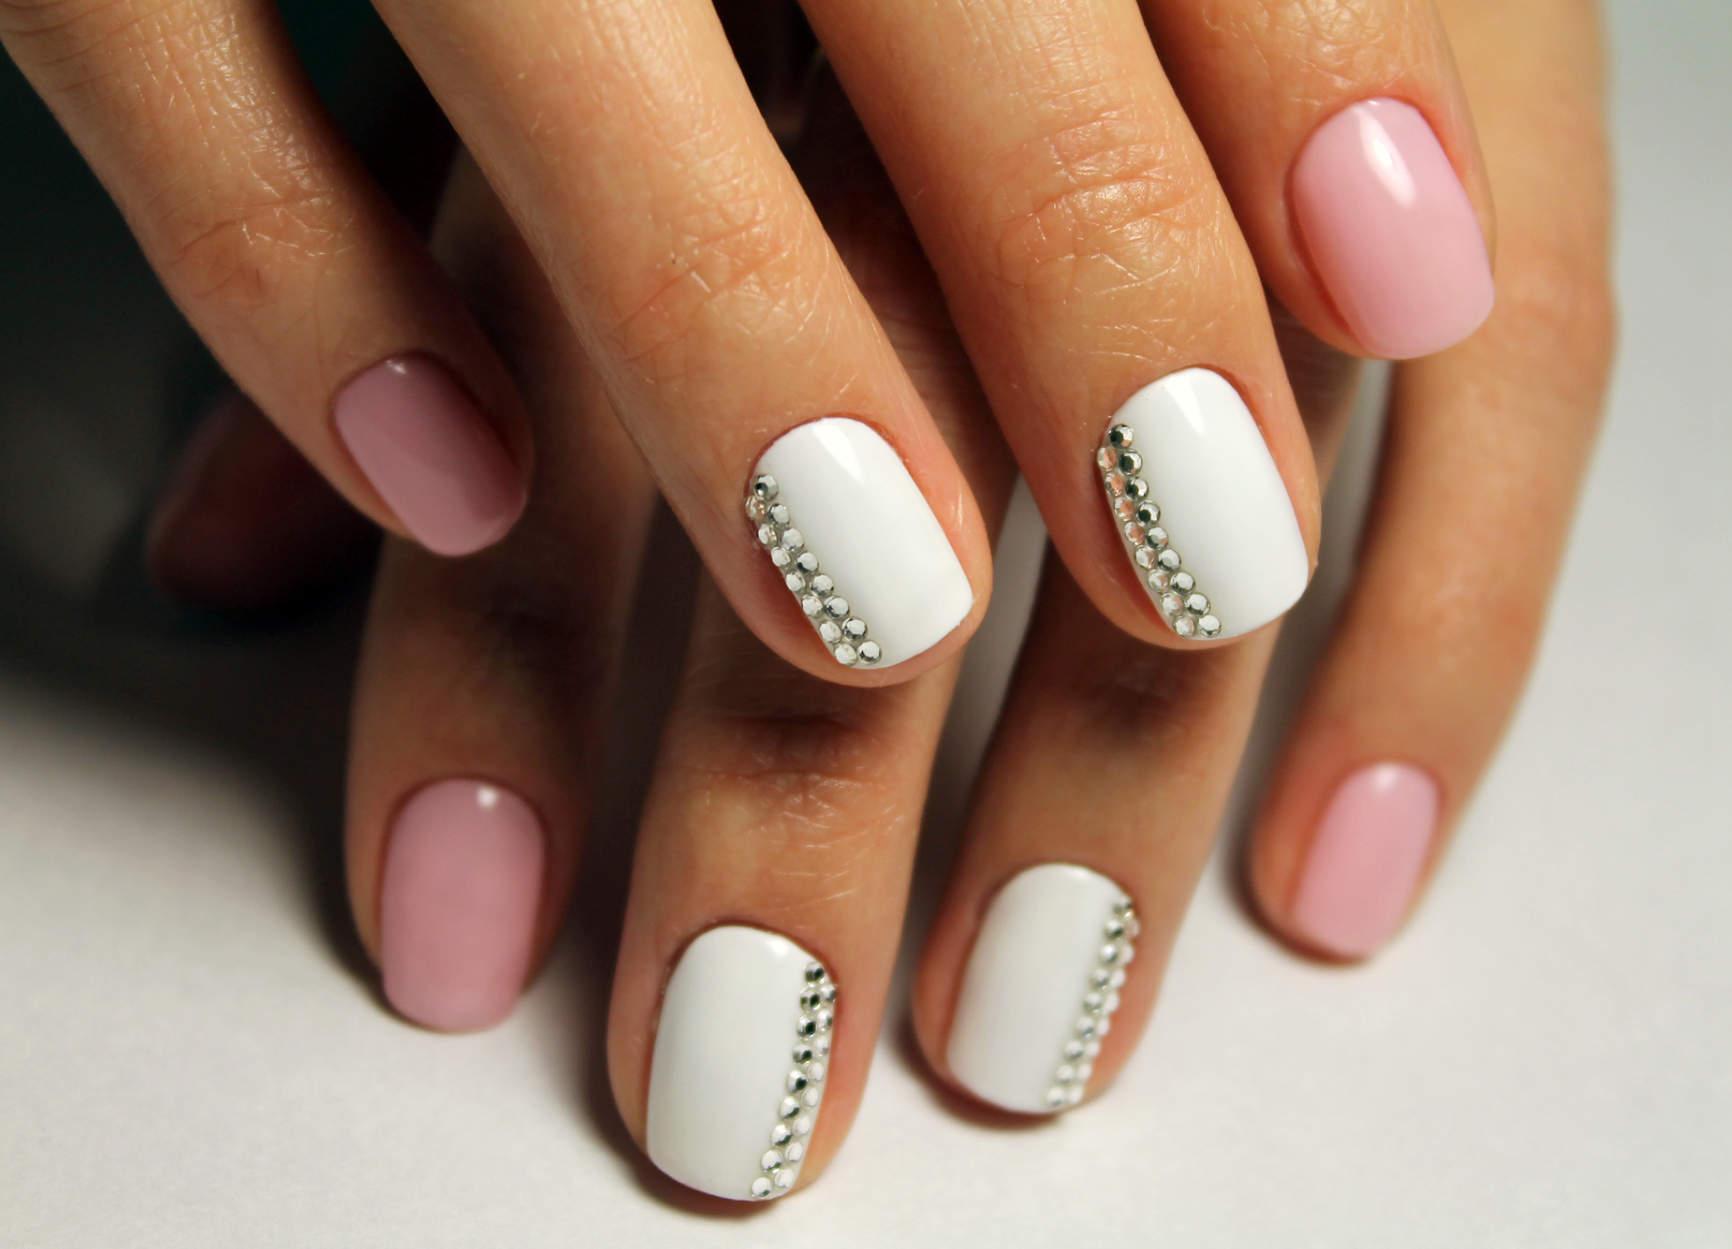 Фото ногтей накрашенных гель лаком